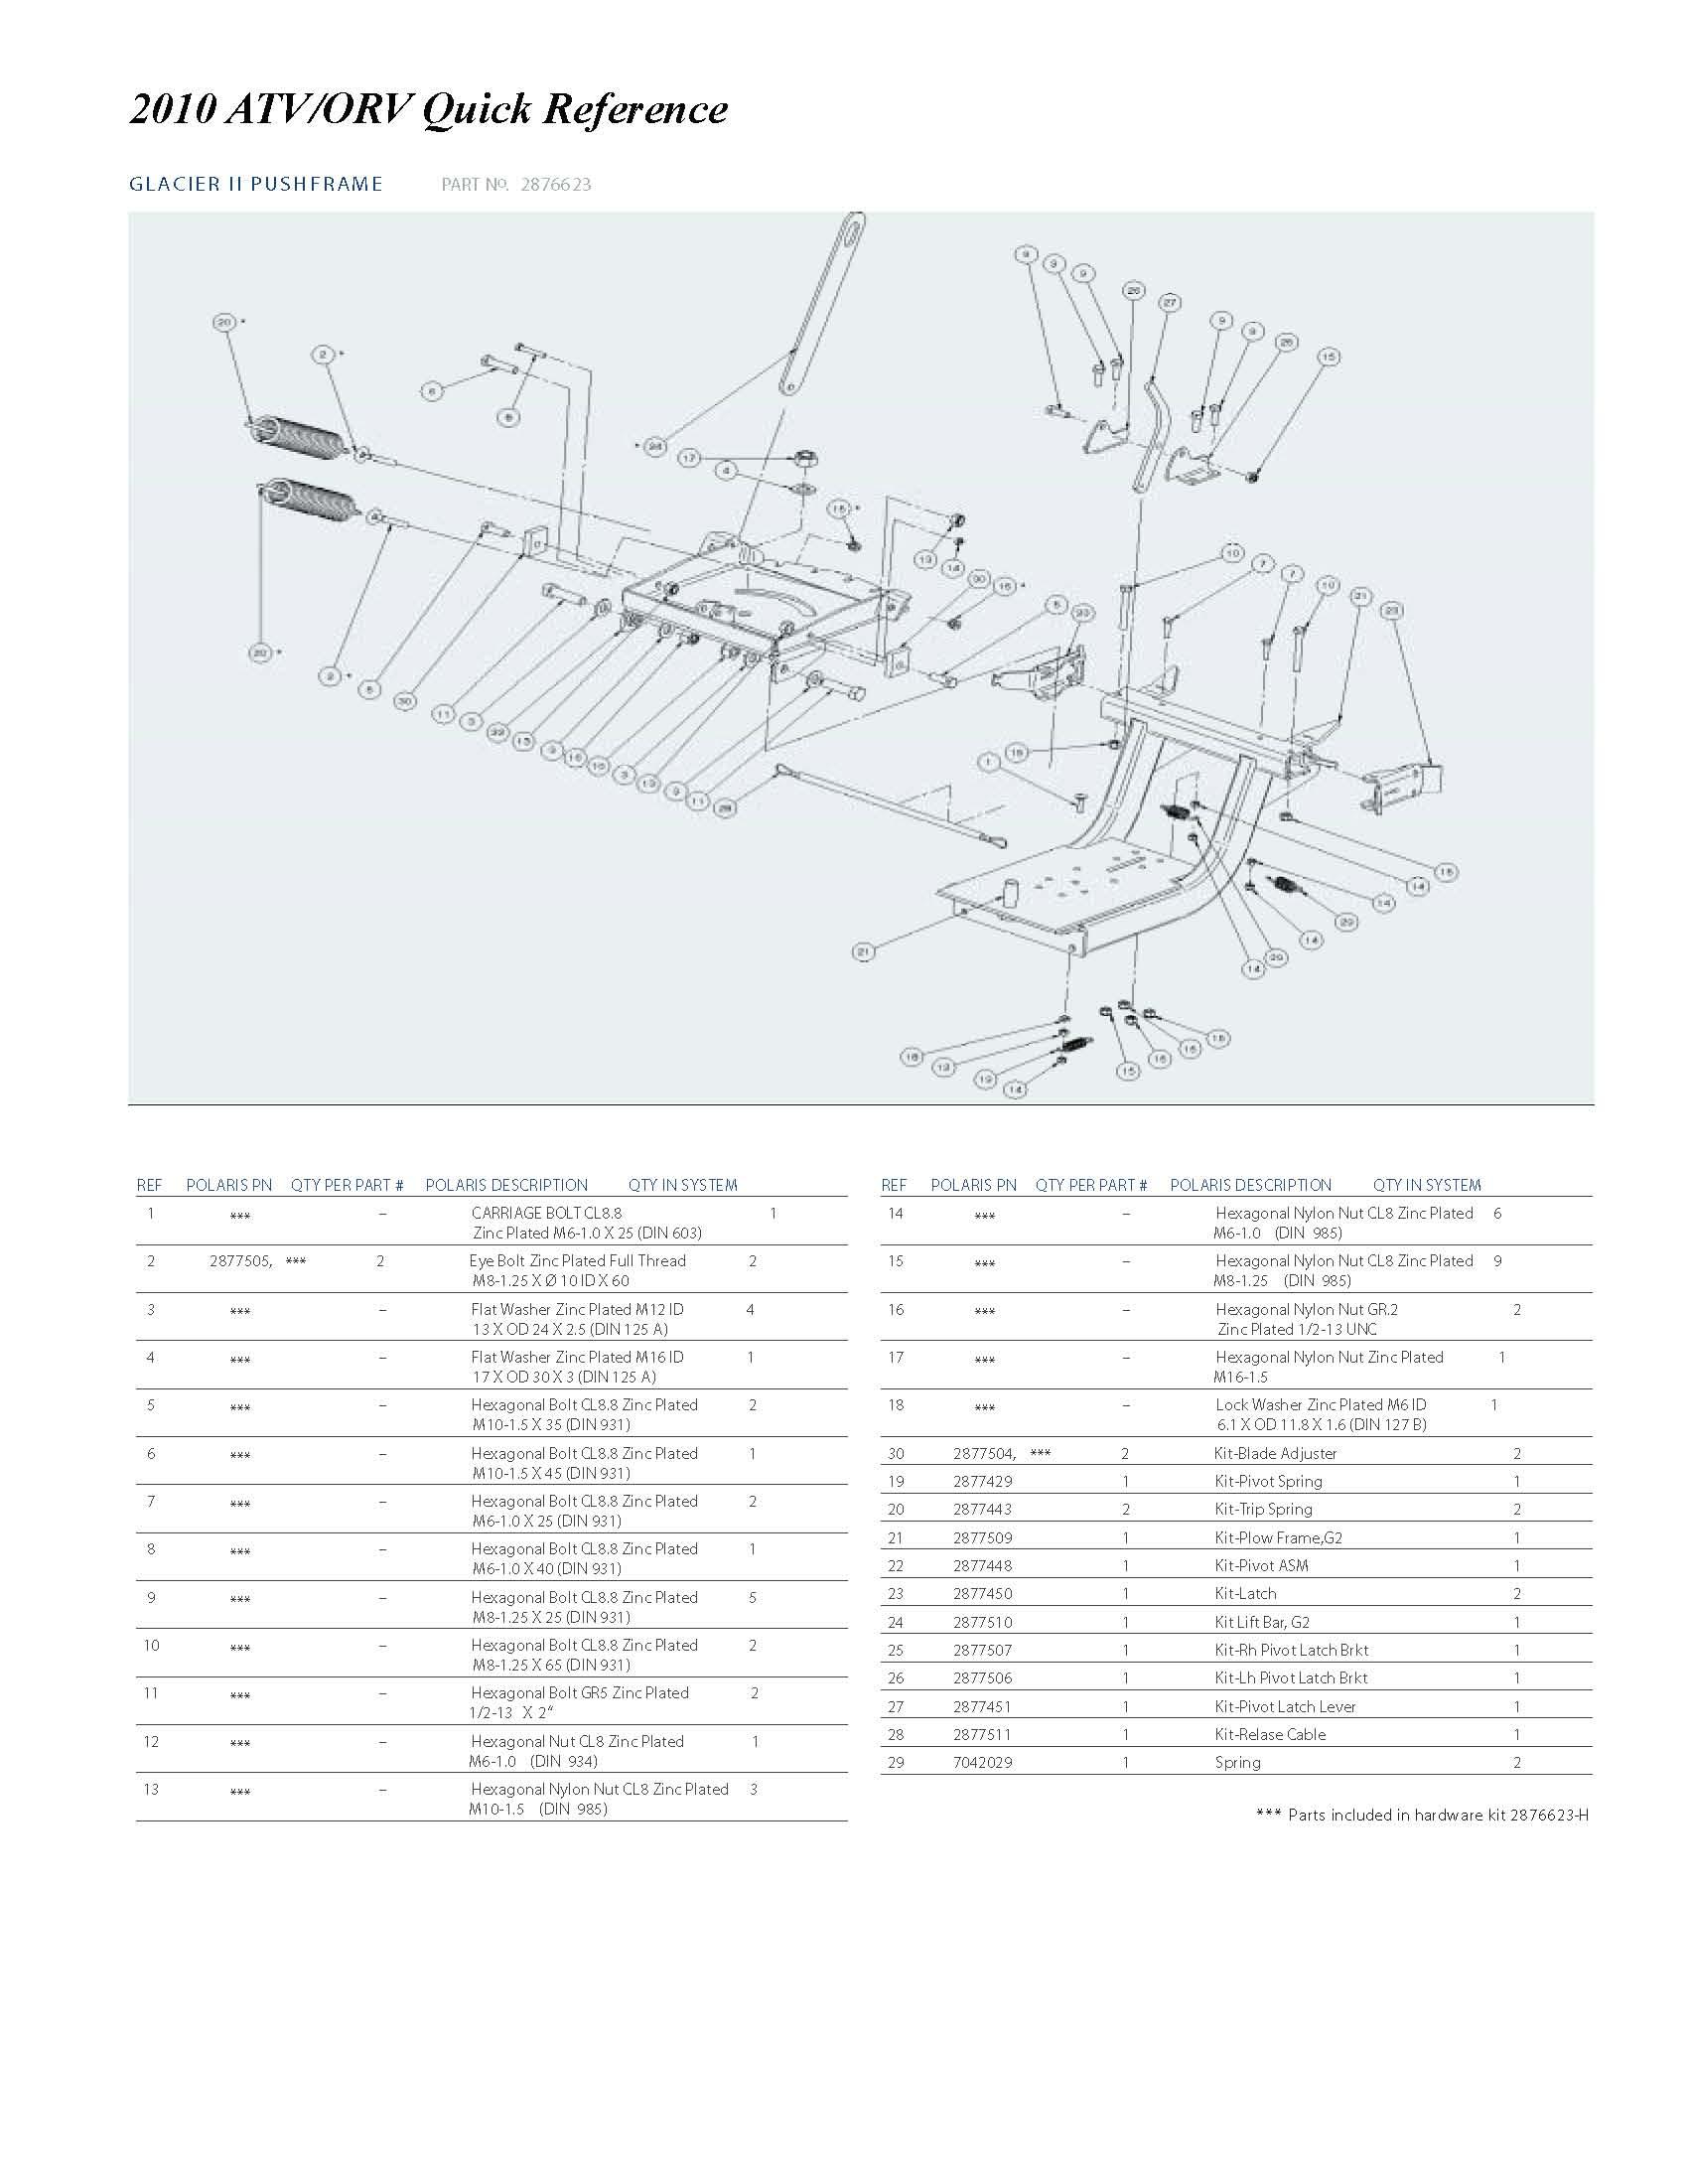 Polaris Glacier Plow Parts Diagram Diagram  Polaris Glacier Plow Parts  Schematic Polaris Free Printable. Glacier Parts Diagram